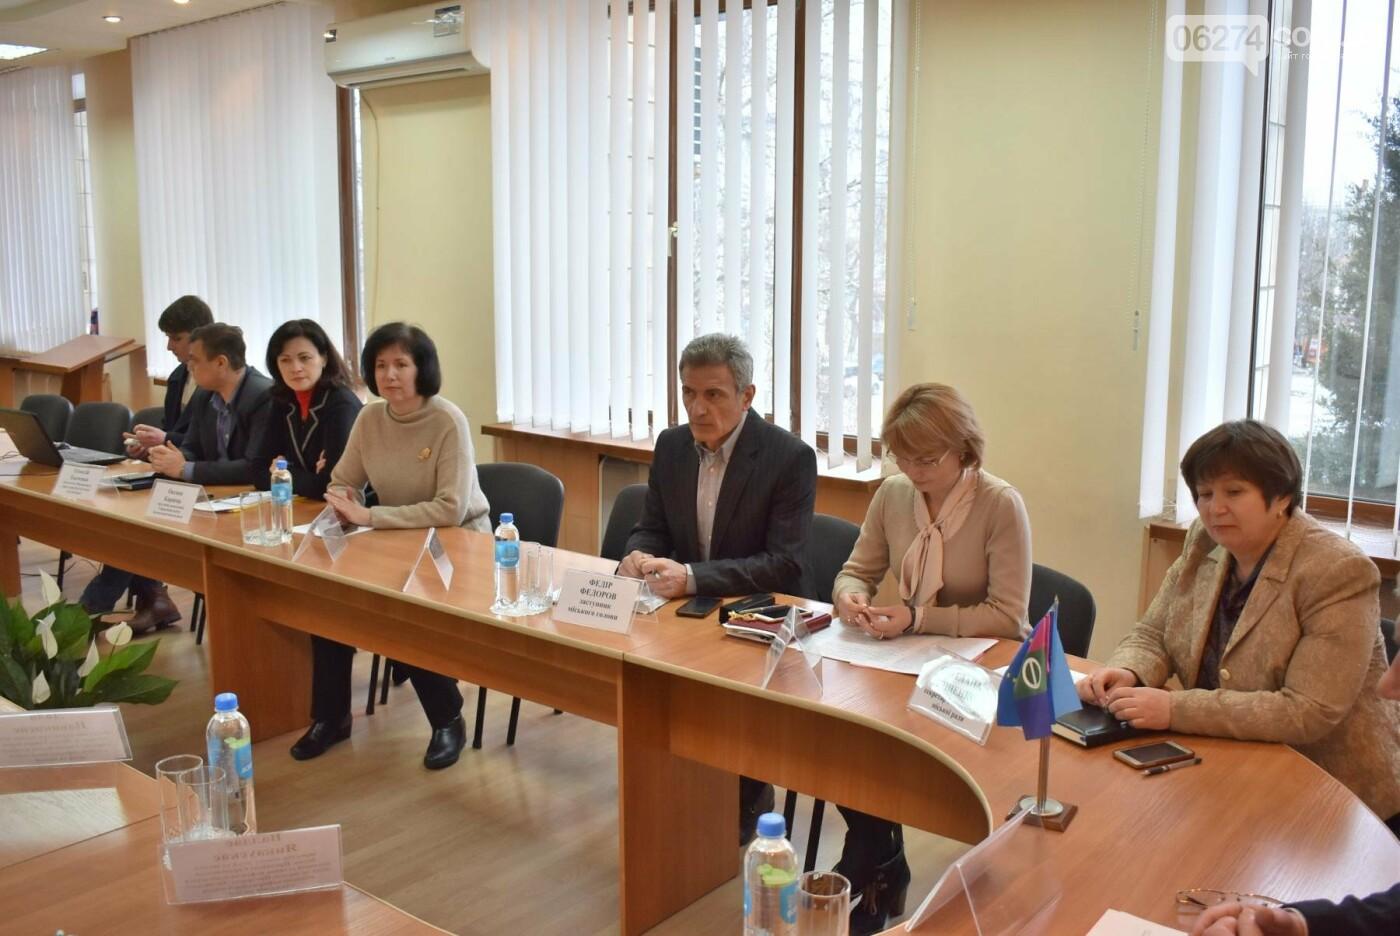 Бахмут посетила делегация из Литвы для обсуждения совместного образовательного проекта, фото-2